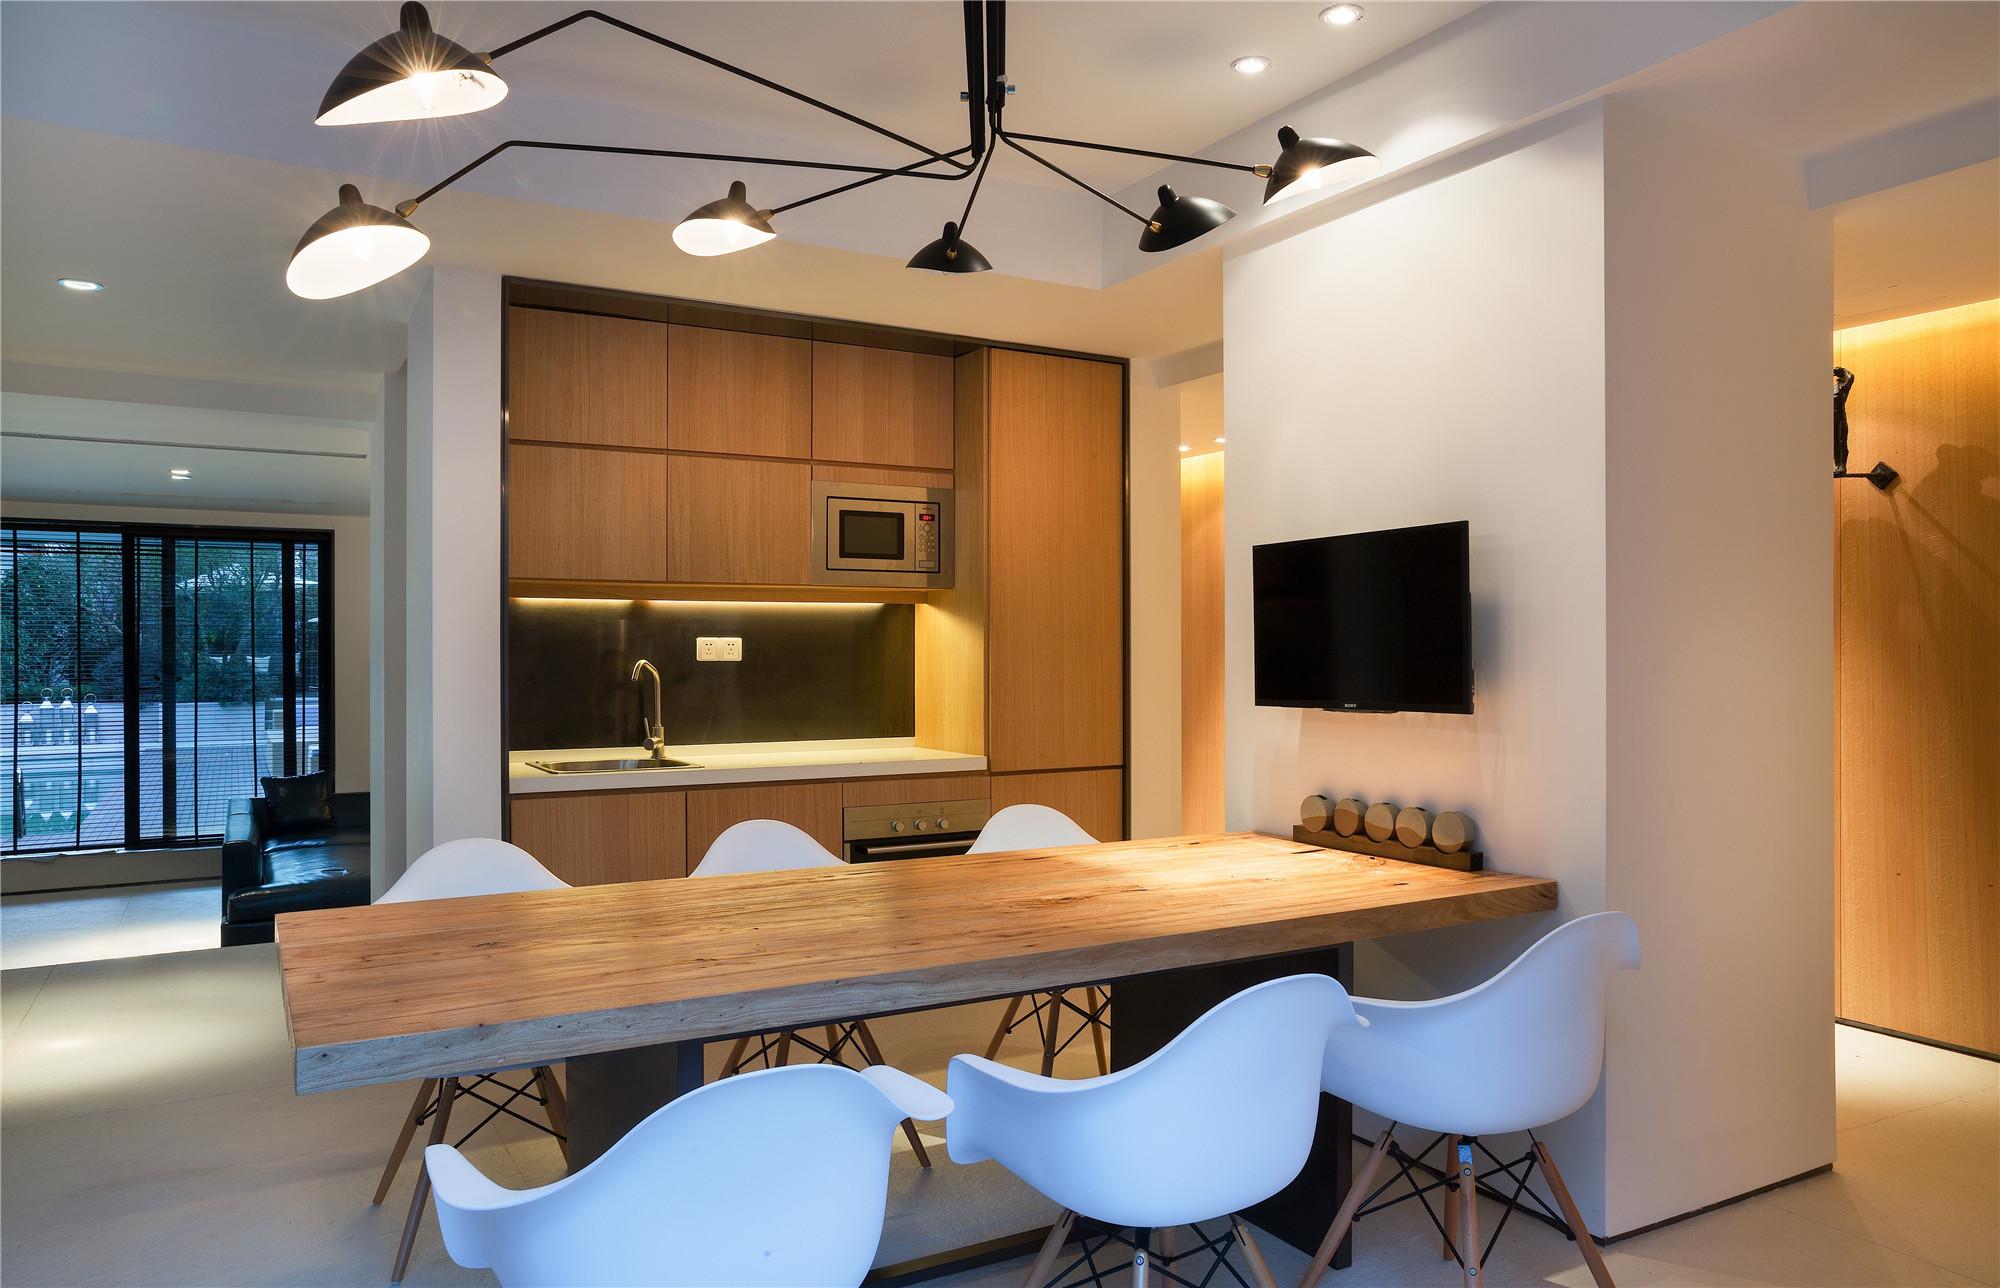 简约中式别墅装修餐桌图片